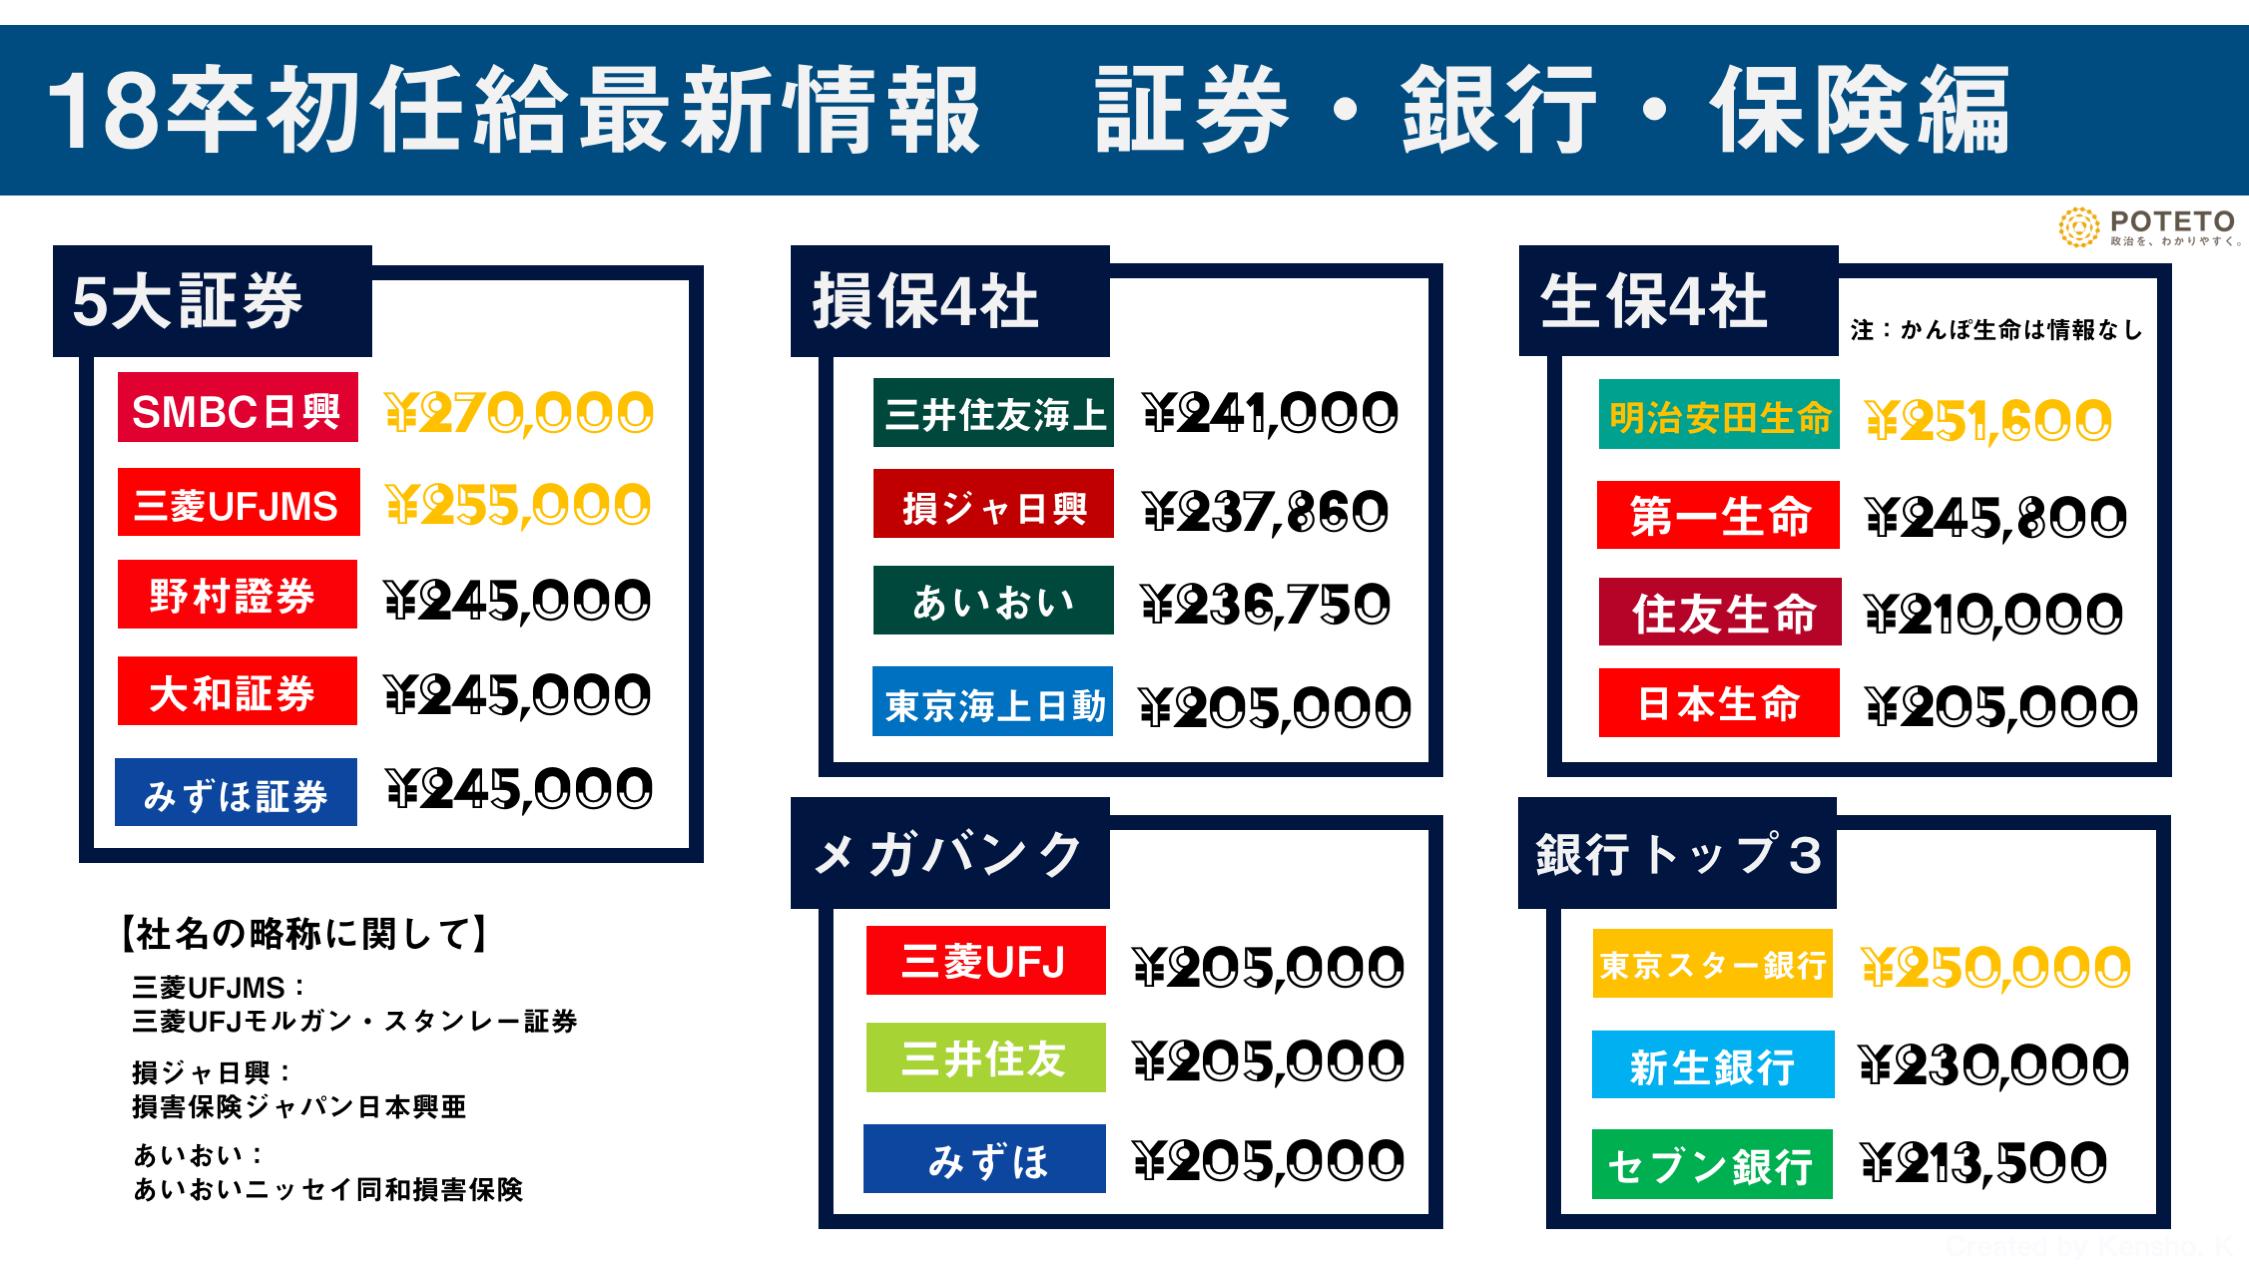 18卒初任給最新情報 証券・銀行・保険編